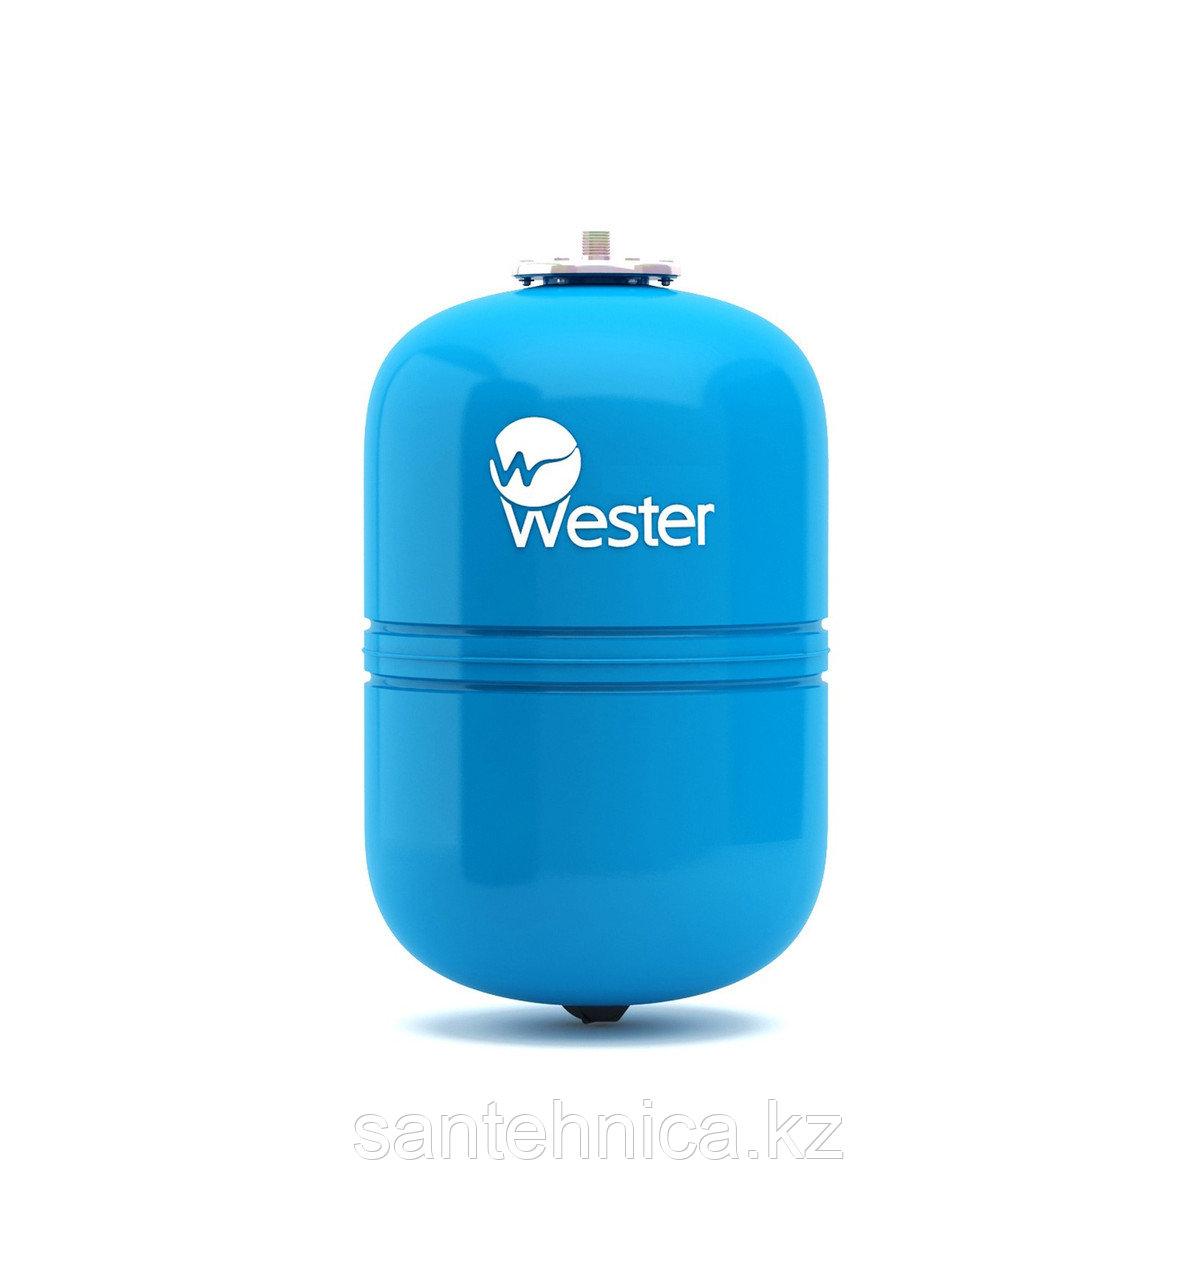 Гидроаккумулятор Wester 35 л. вертикальный